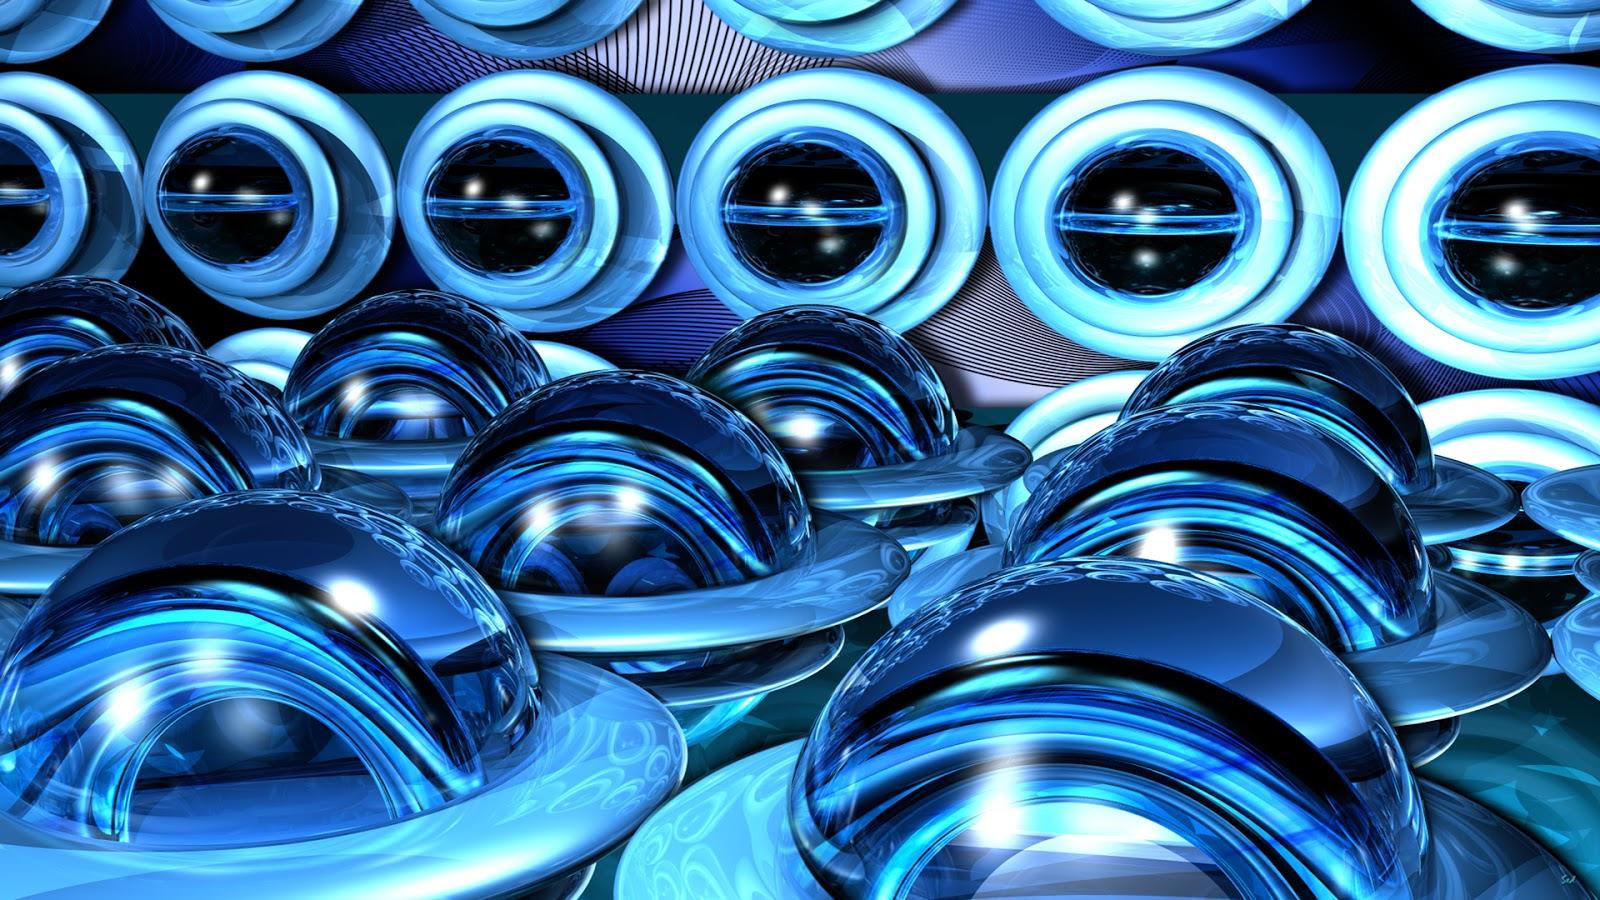 Fondo De Pantalla Abstracto Bolas Azules: Imagenes Hilandy: Fondo De Pantalla Abstracto Bolas Azules